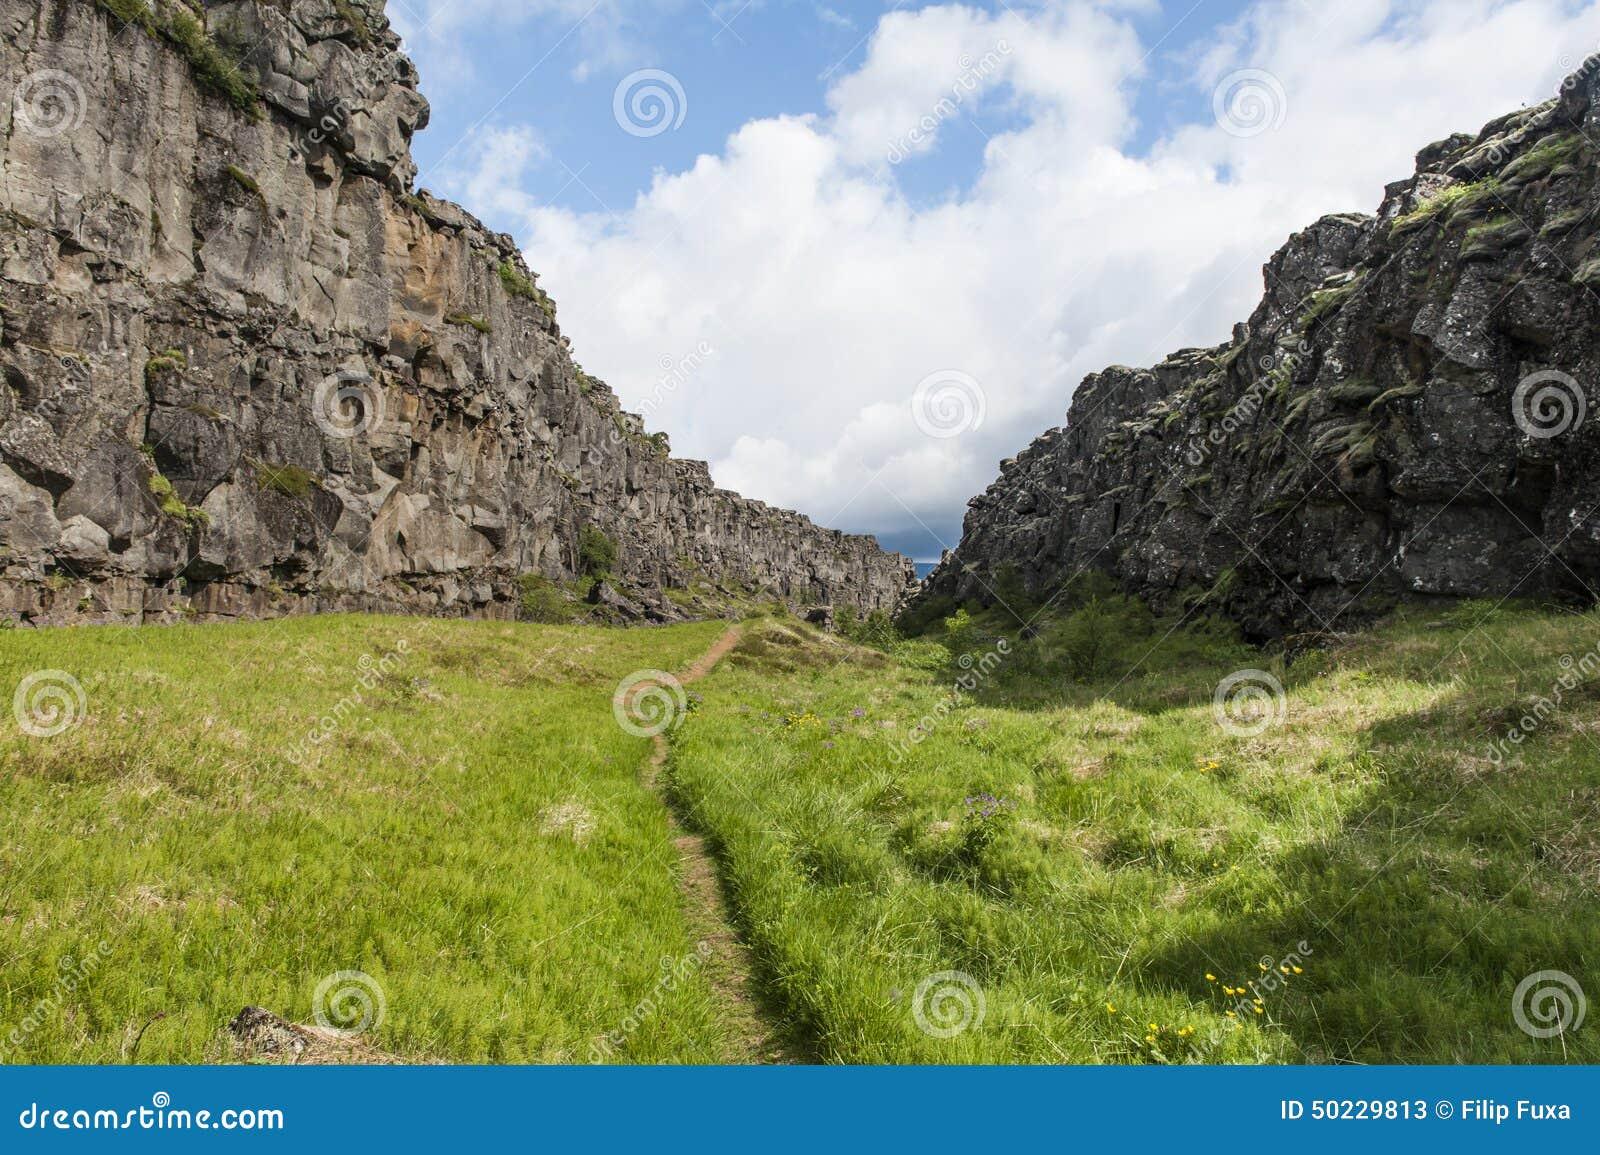 Jordplattor Fotografering For Bildbyraer Bild Av Liggande 50229813